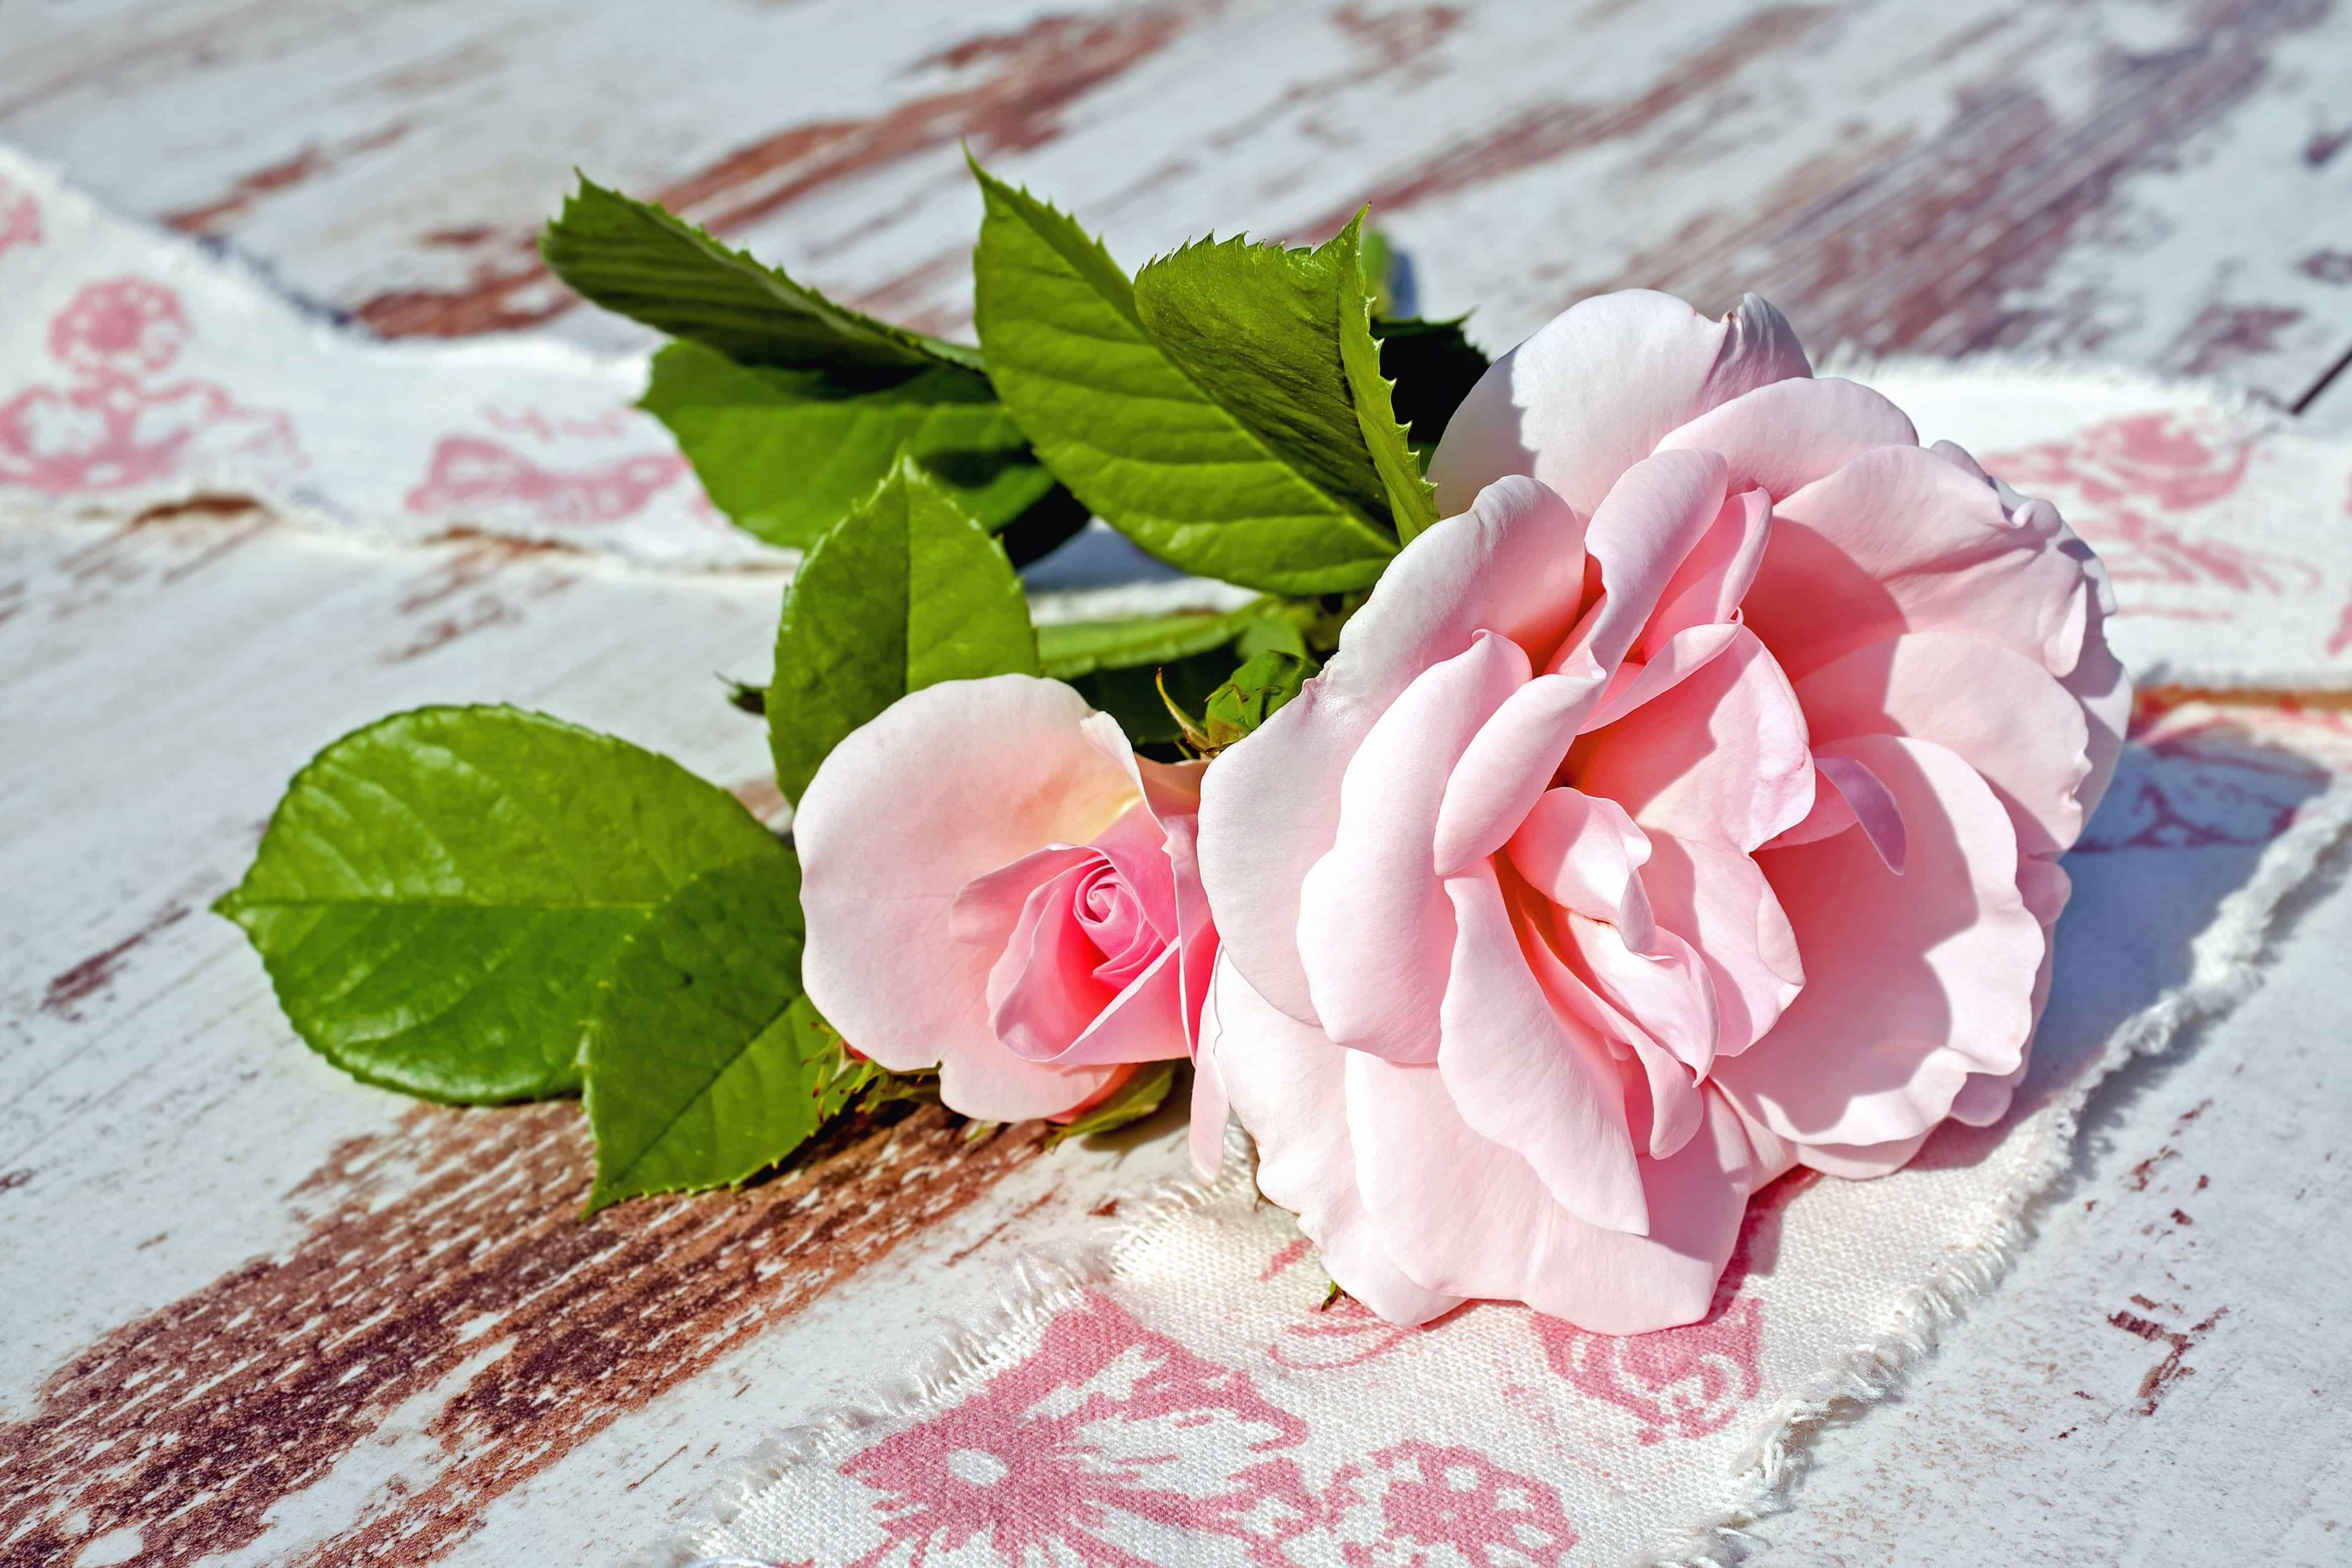 роза,лепестки,листья  № 705617 загрузить